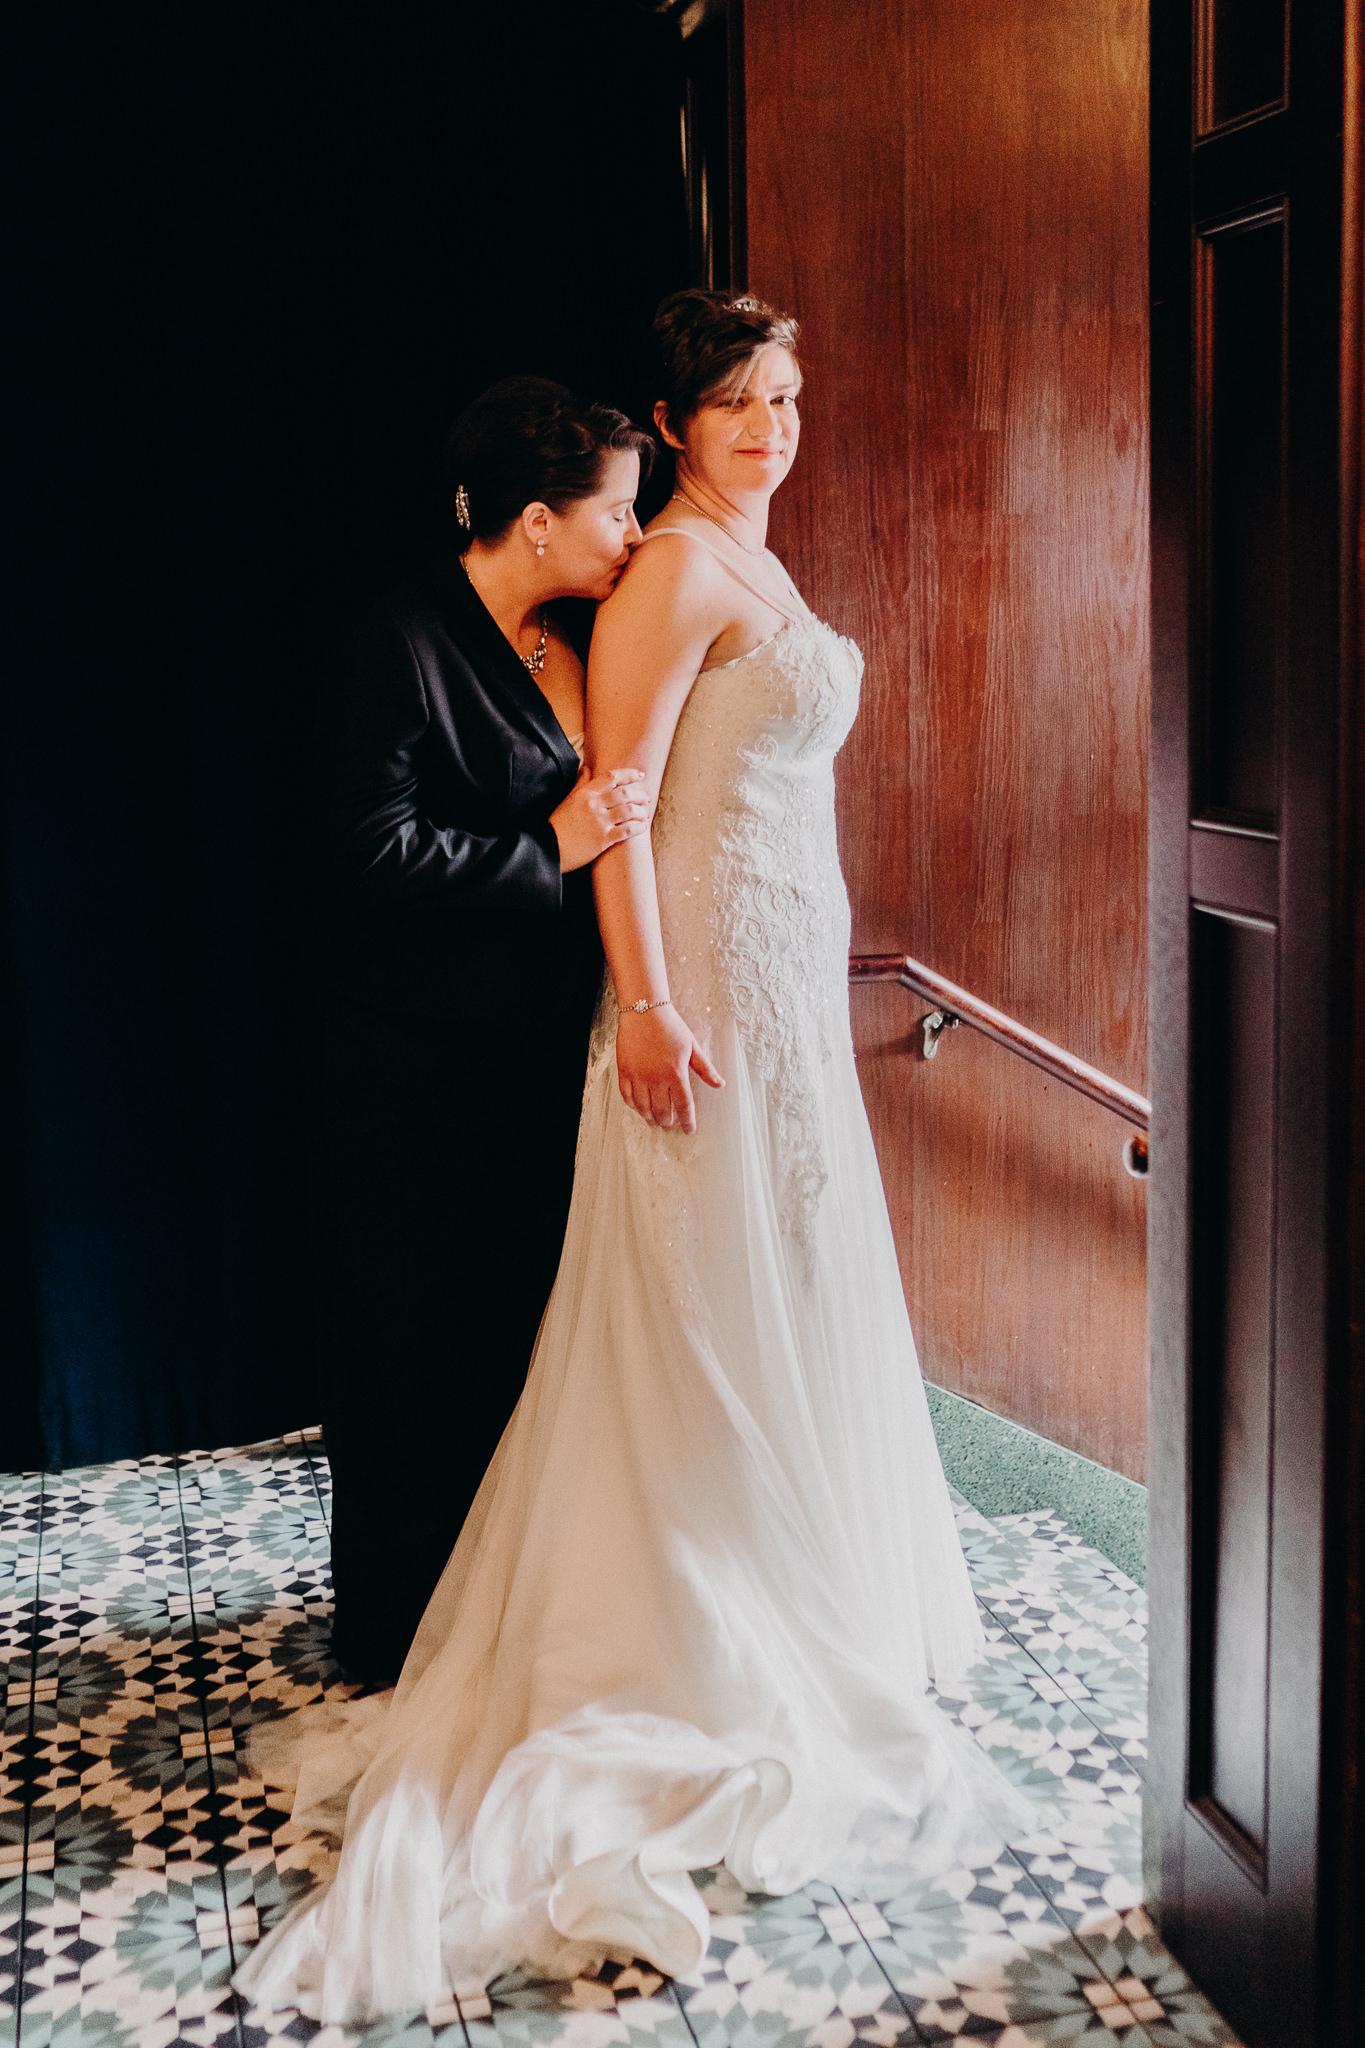 Moody Bride Portrait LGBQT Wedding